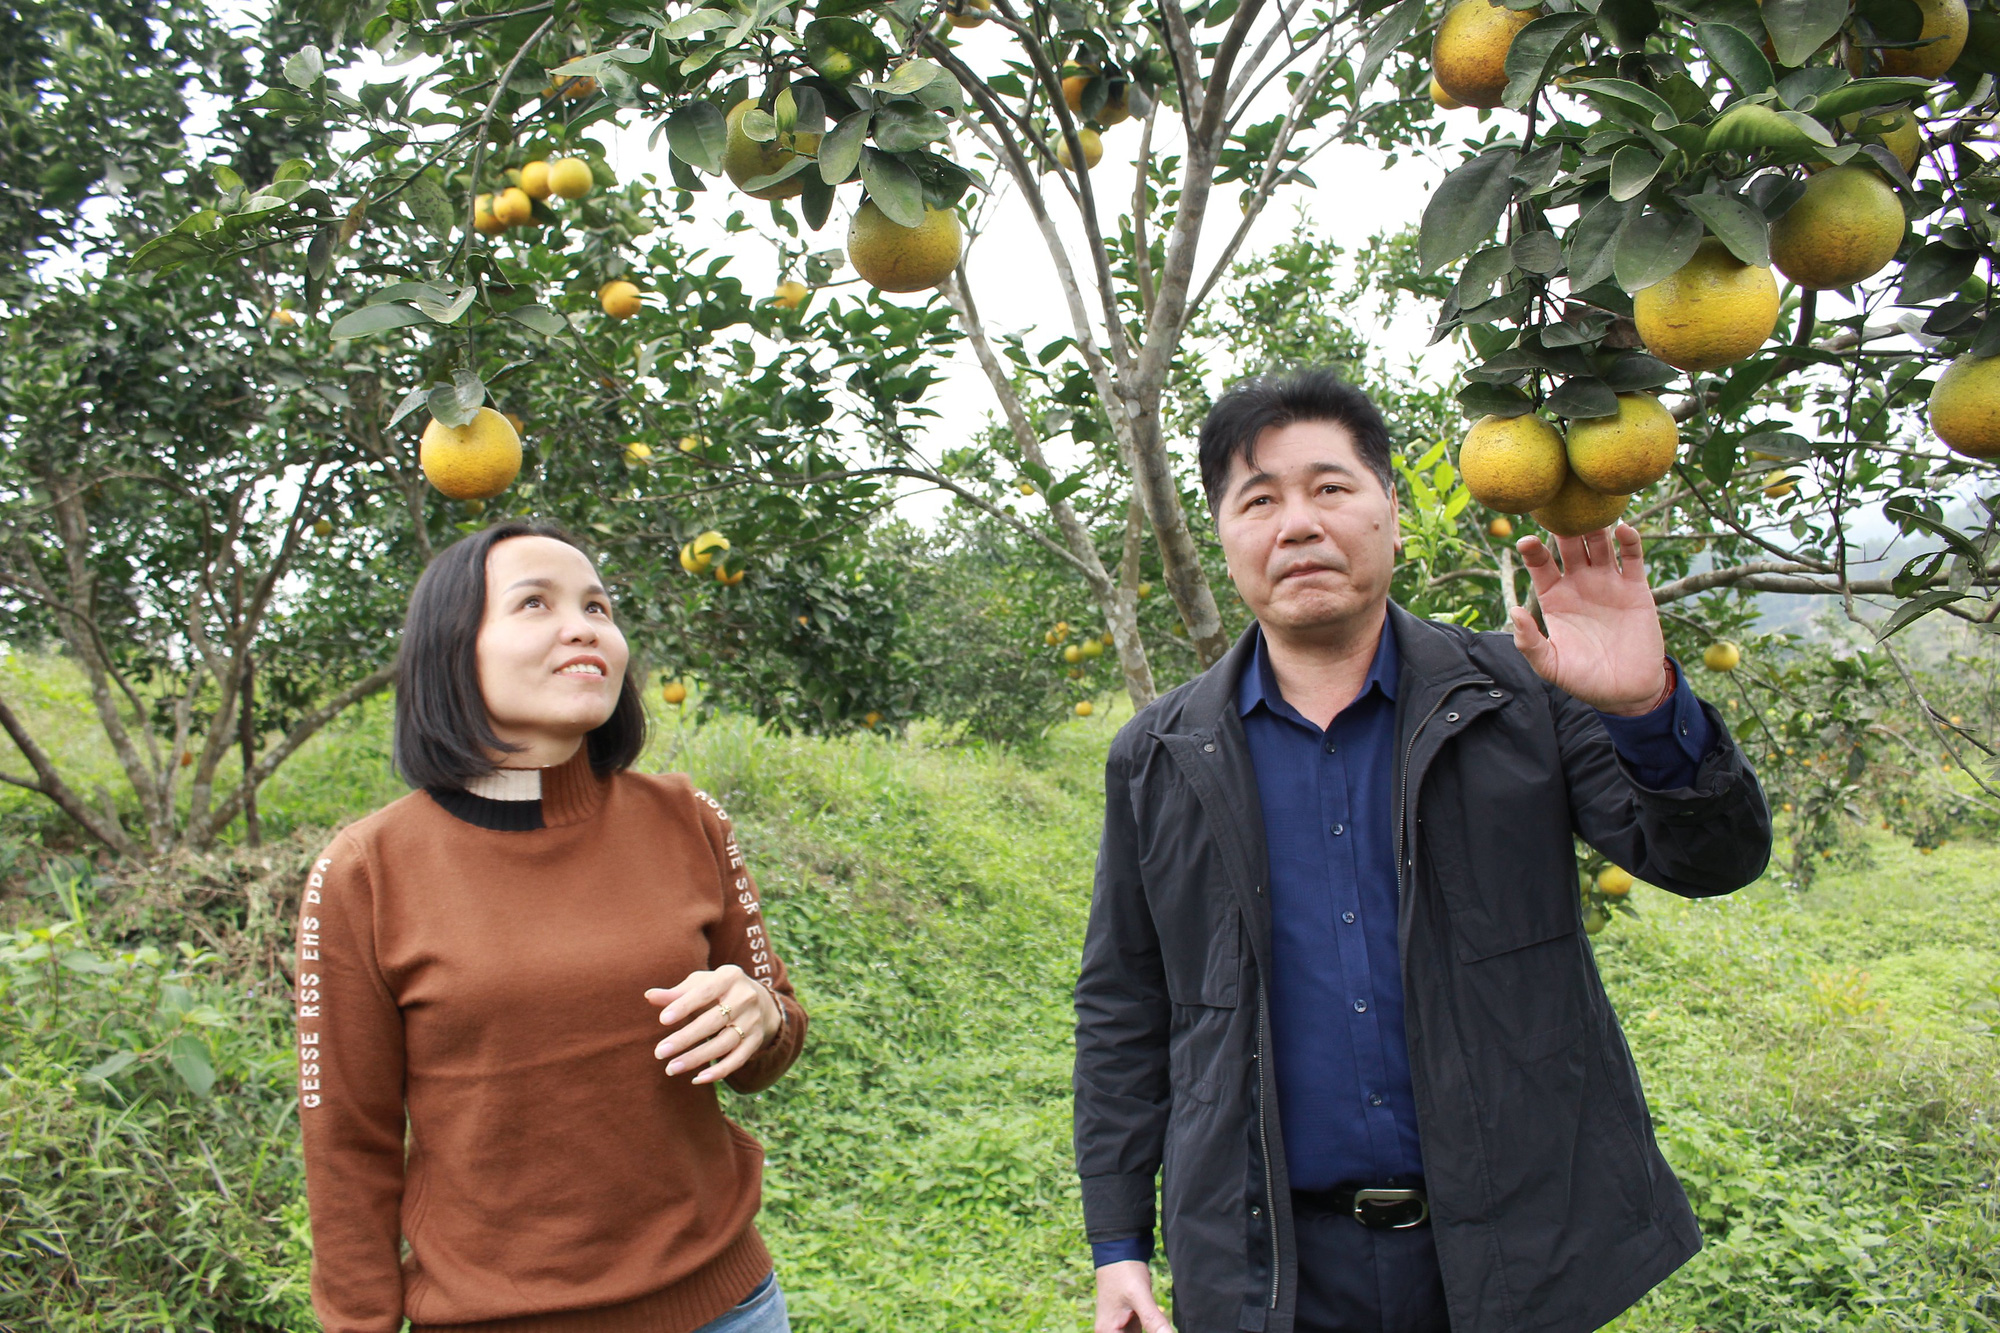 Tập trung khắc phục khó khăn, khôi phục sản xuất nông nghiệp sau thiên tai tại Hà Tĩnh và Quảng Bình - Ảnh 4.